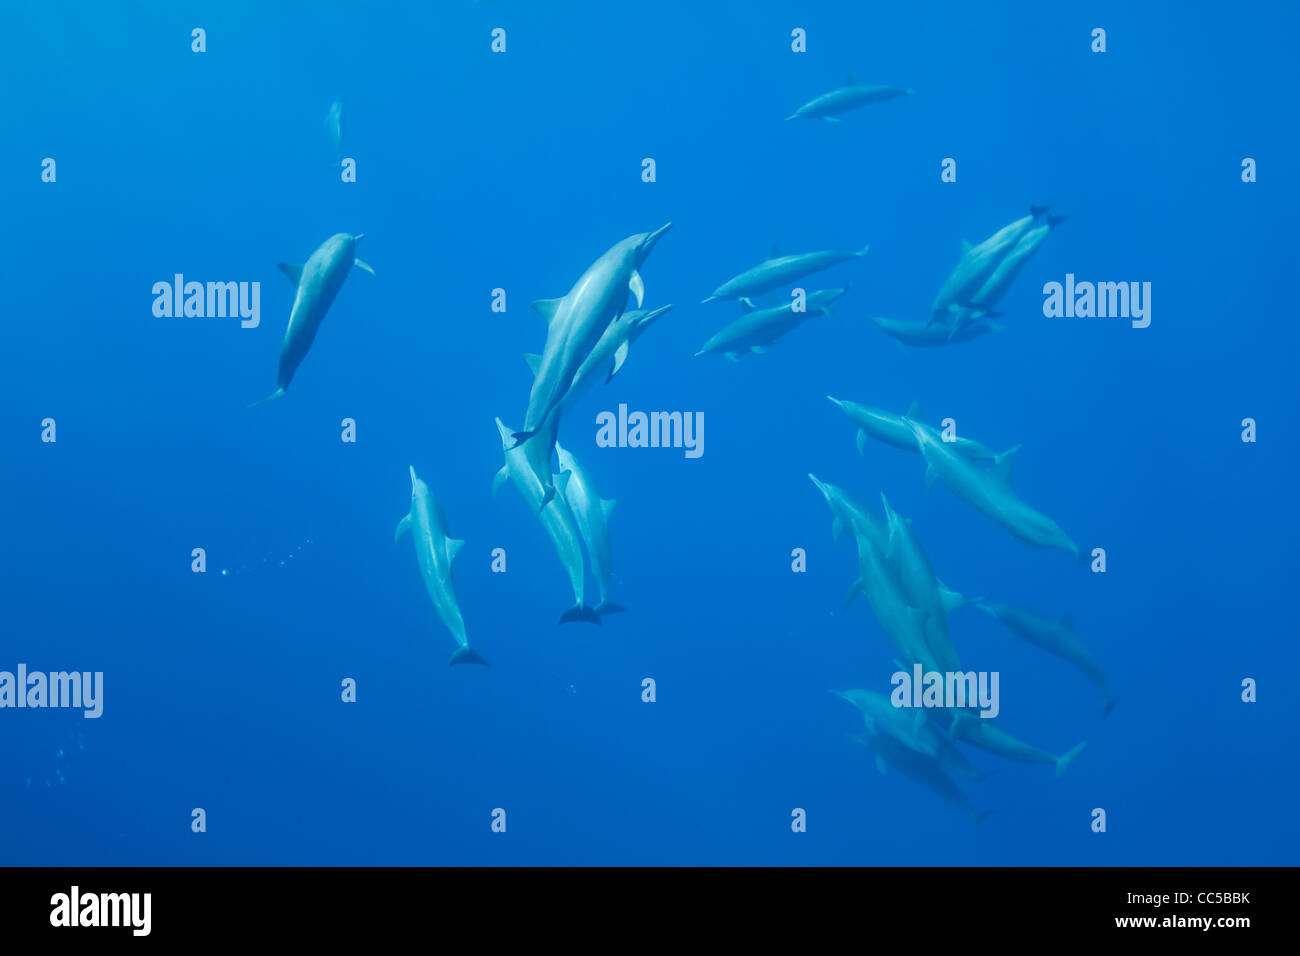 Östlichen Spinner-Delfine, Stenella Longirostris Orientalis, von Baja California, Mexiko (Ostpazifik) Stockbild